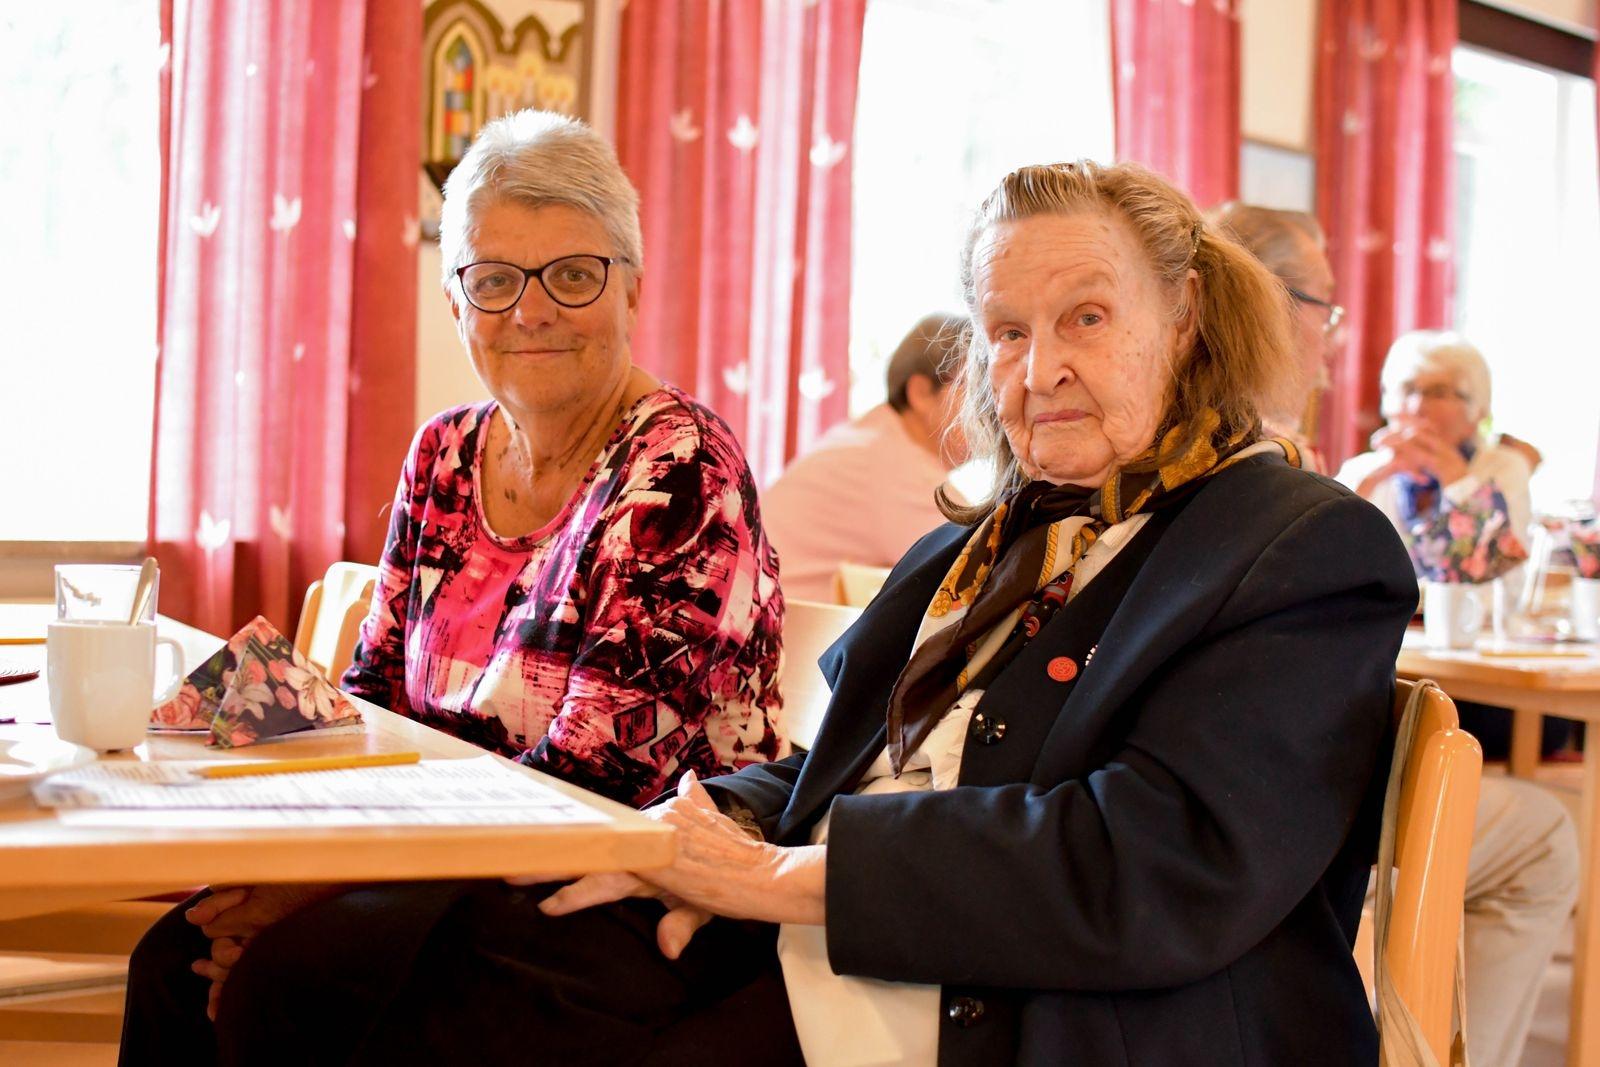 """Berit Müller och Irene Edmund besöker gärna drop in caféet. """"Jag uppskattar att komma hit"""" säger Irene. """"Det är trevligt att gå hit för att prata och dricka kaffe"""" håller Berit med."""